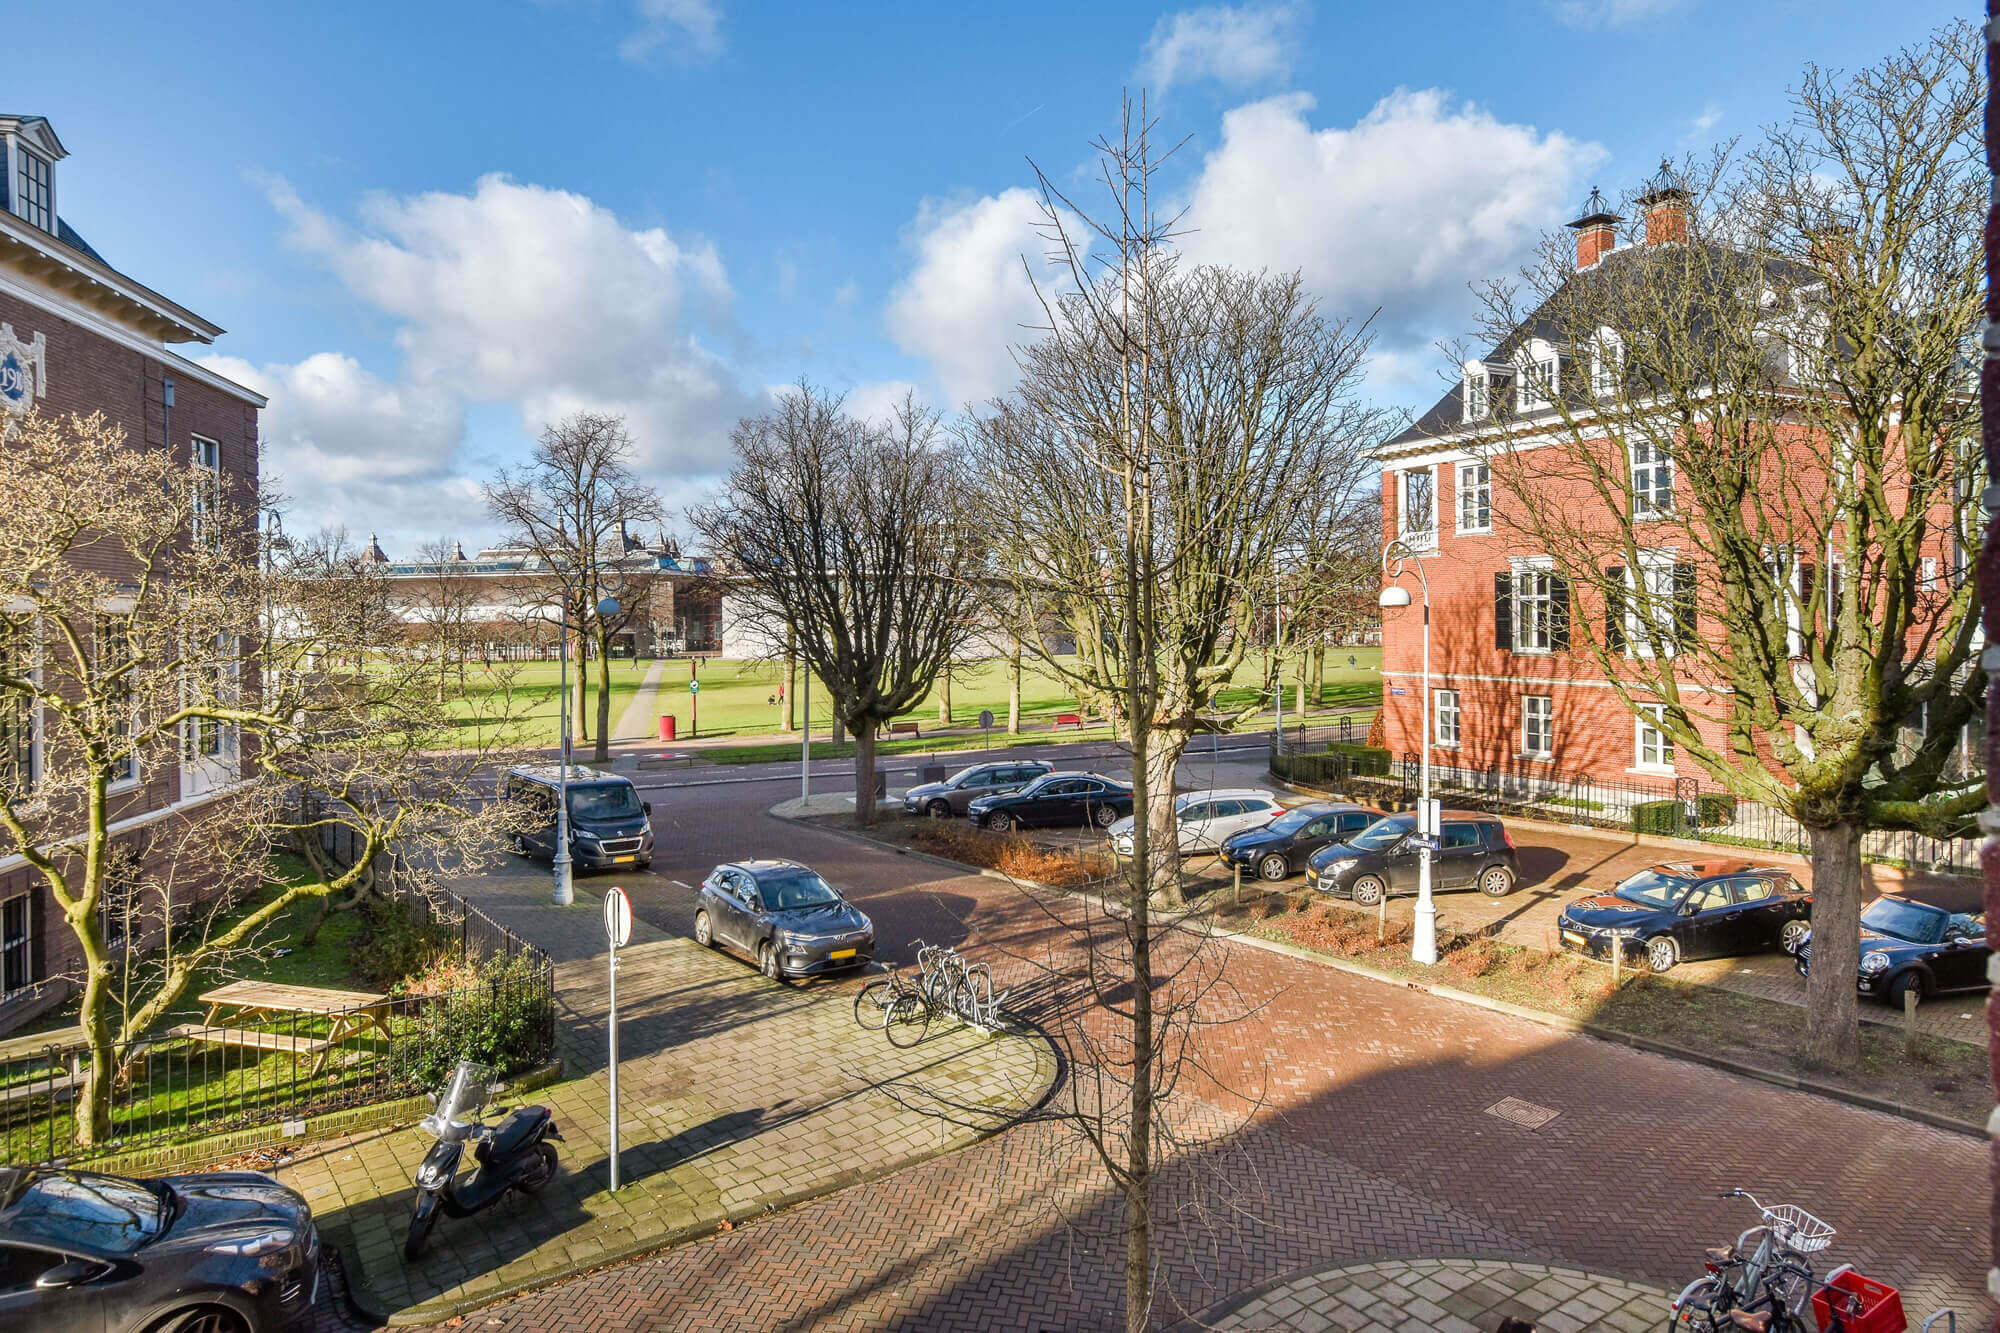 Teniersstraat 2 I Amsterdam